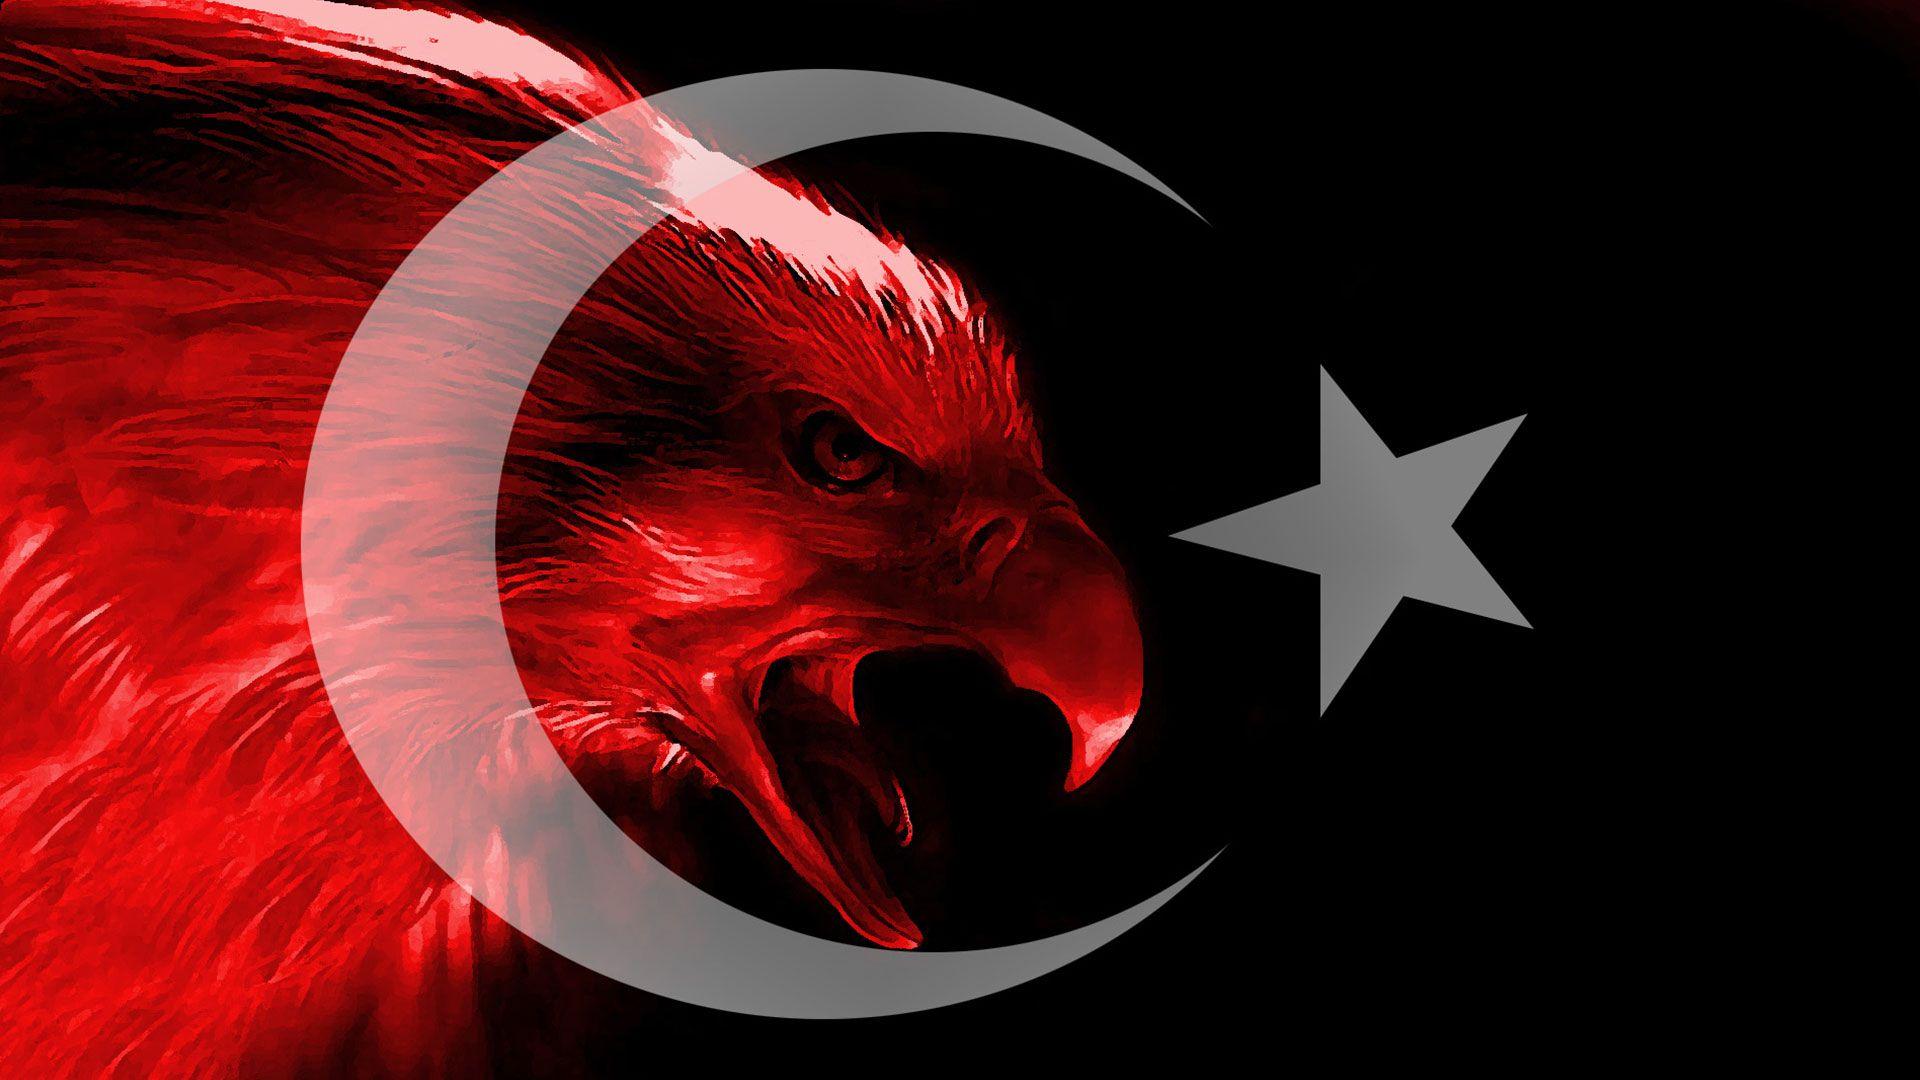 HD Türk Bayrağı Arkaplan Resimleri | Türk Bayrakları